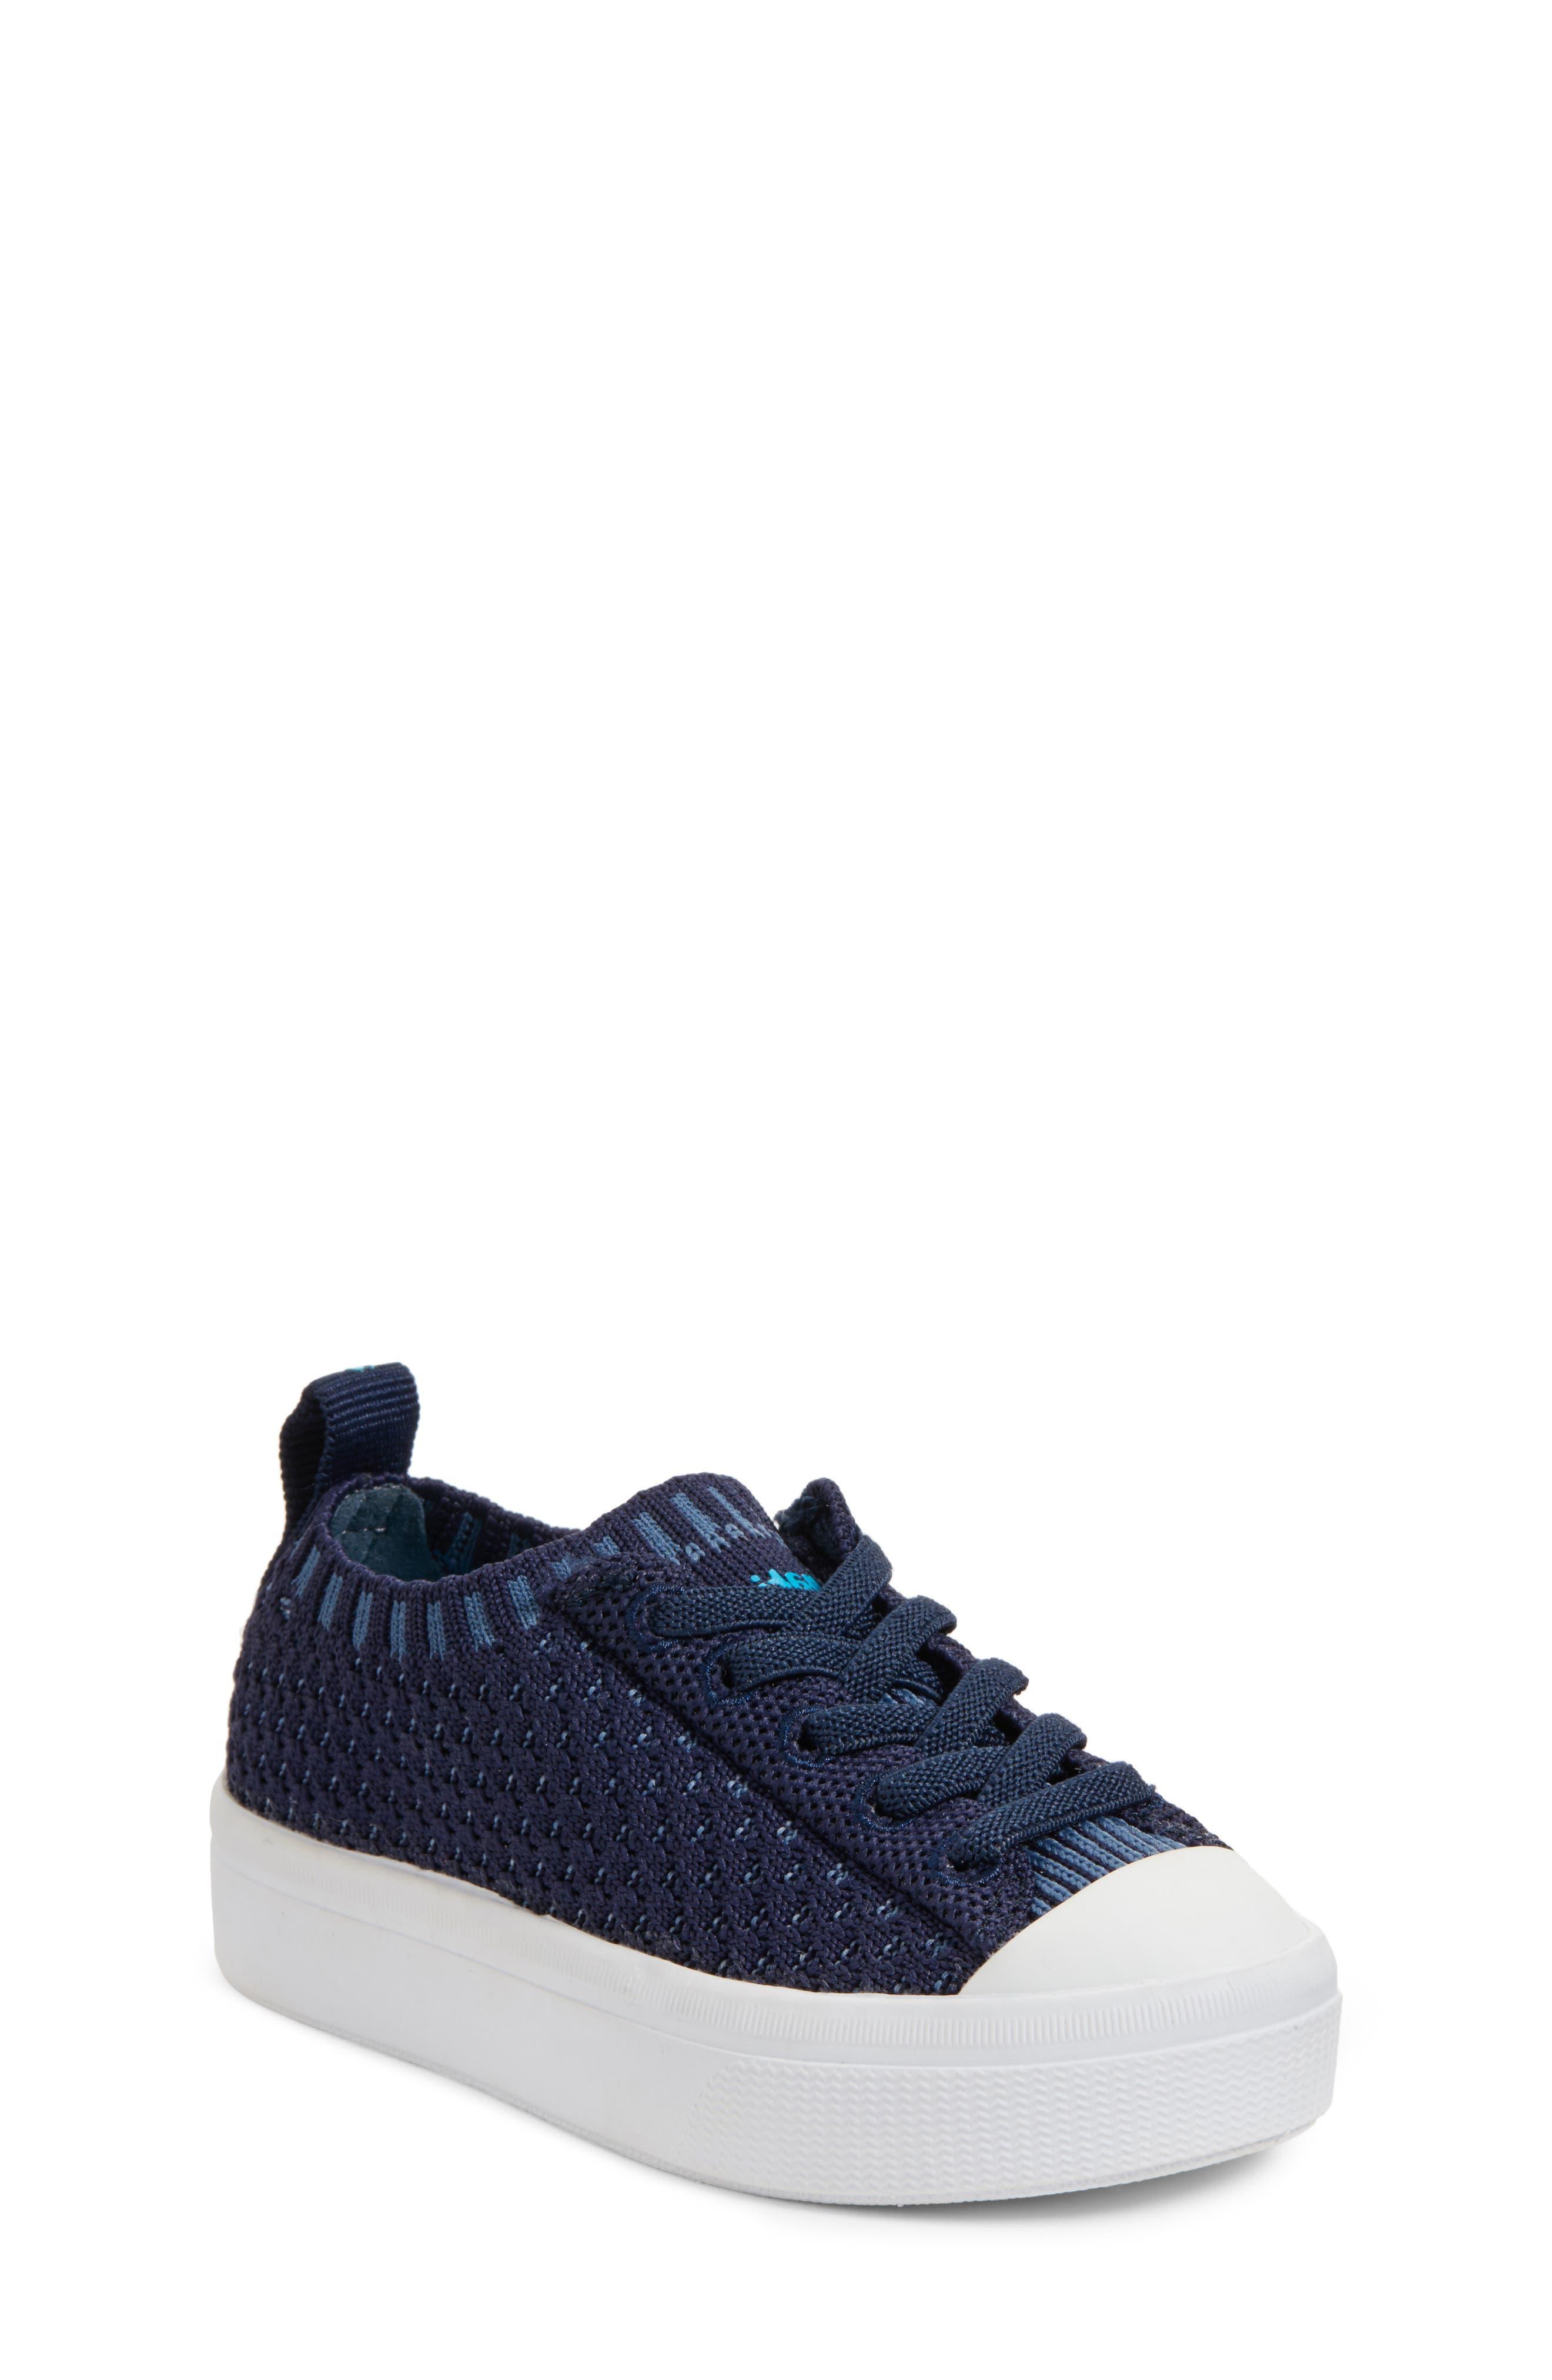 Native Jefferson 2.0 Liteknit Sneaker